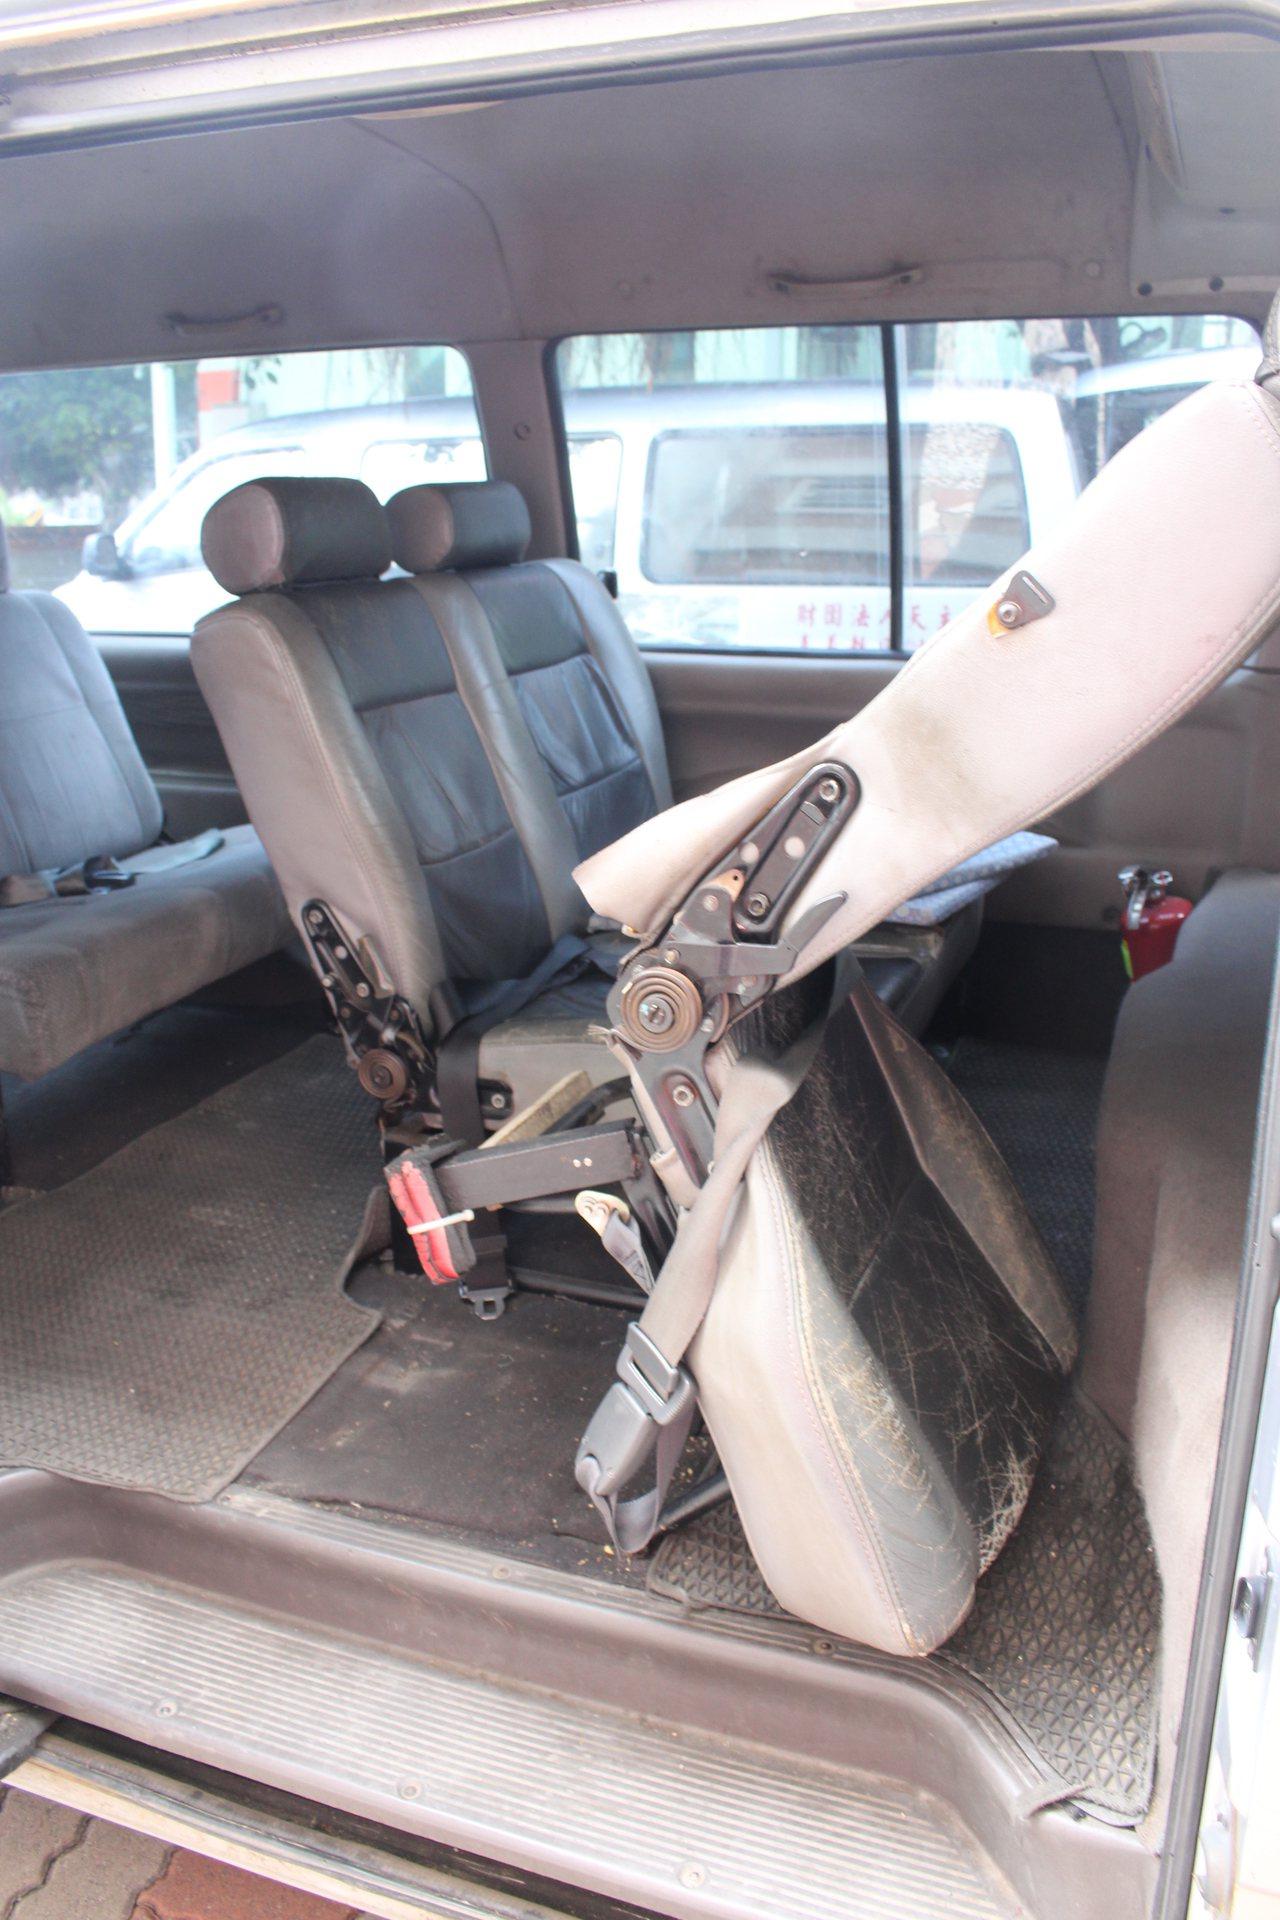 雲林縣華聖啟能發展中心的交通車狀況不佳,中心的老師自己DIY加強椅座結構,後座椅...